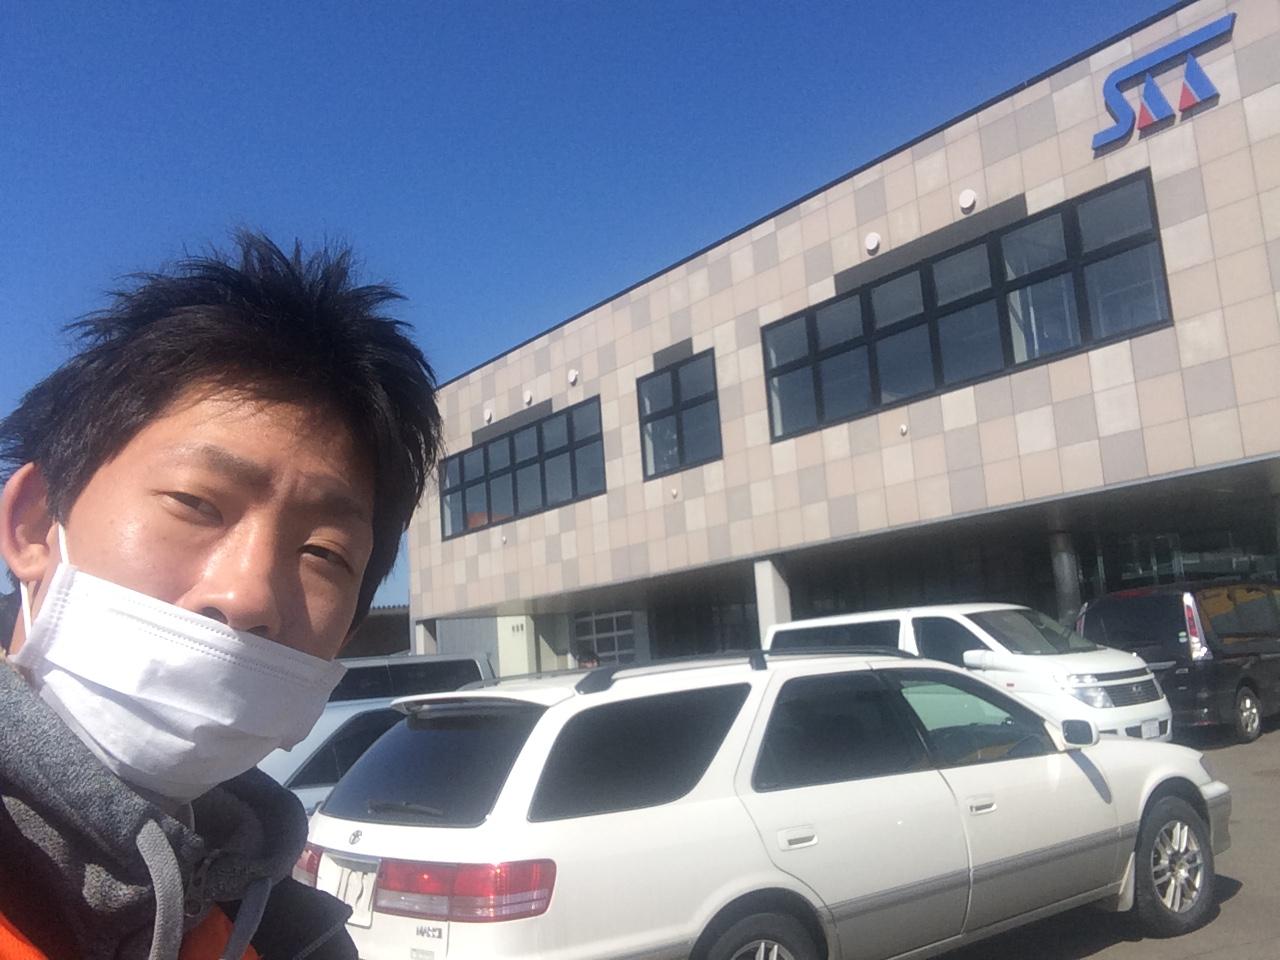 3月26日(木)トミーアウトレット☆バックオーダーにてK様RX450hバージョンLご成約!_b0127002_2134740.jpg